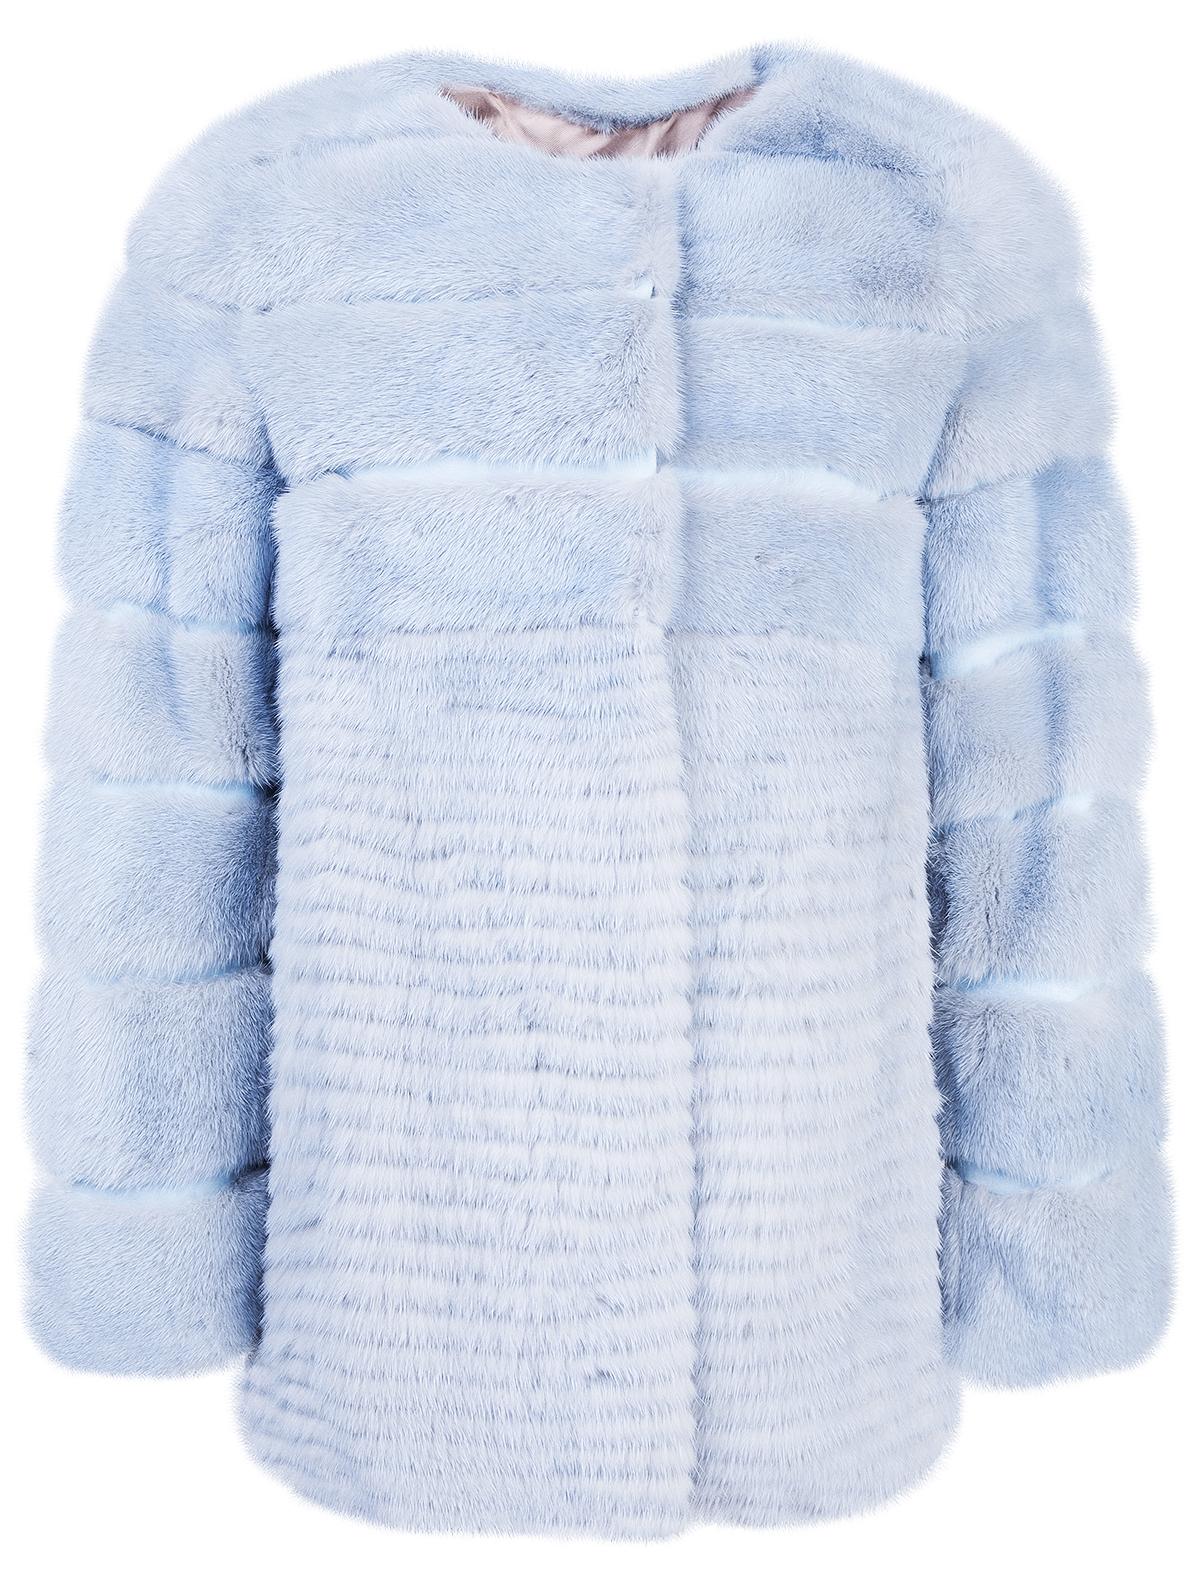 Купить 2142167, Пальто меховое (шуба) Yves Salomon, голубой, Женский, 1731508781366